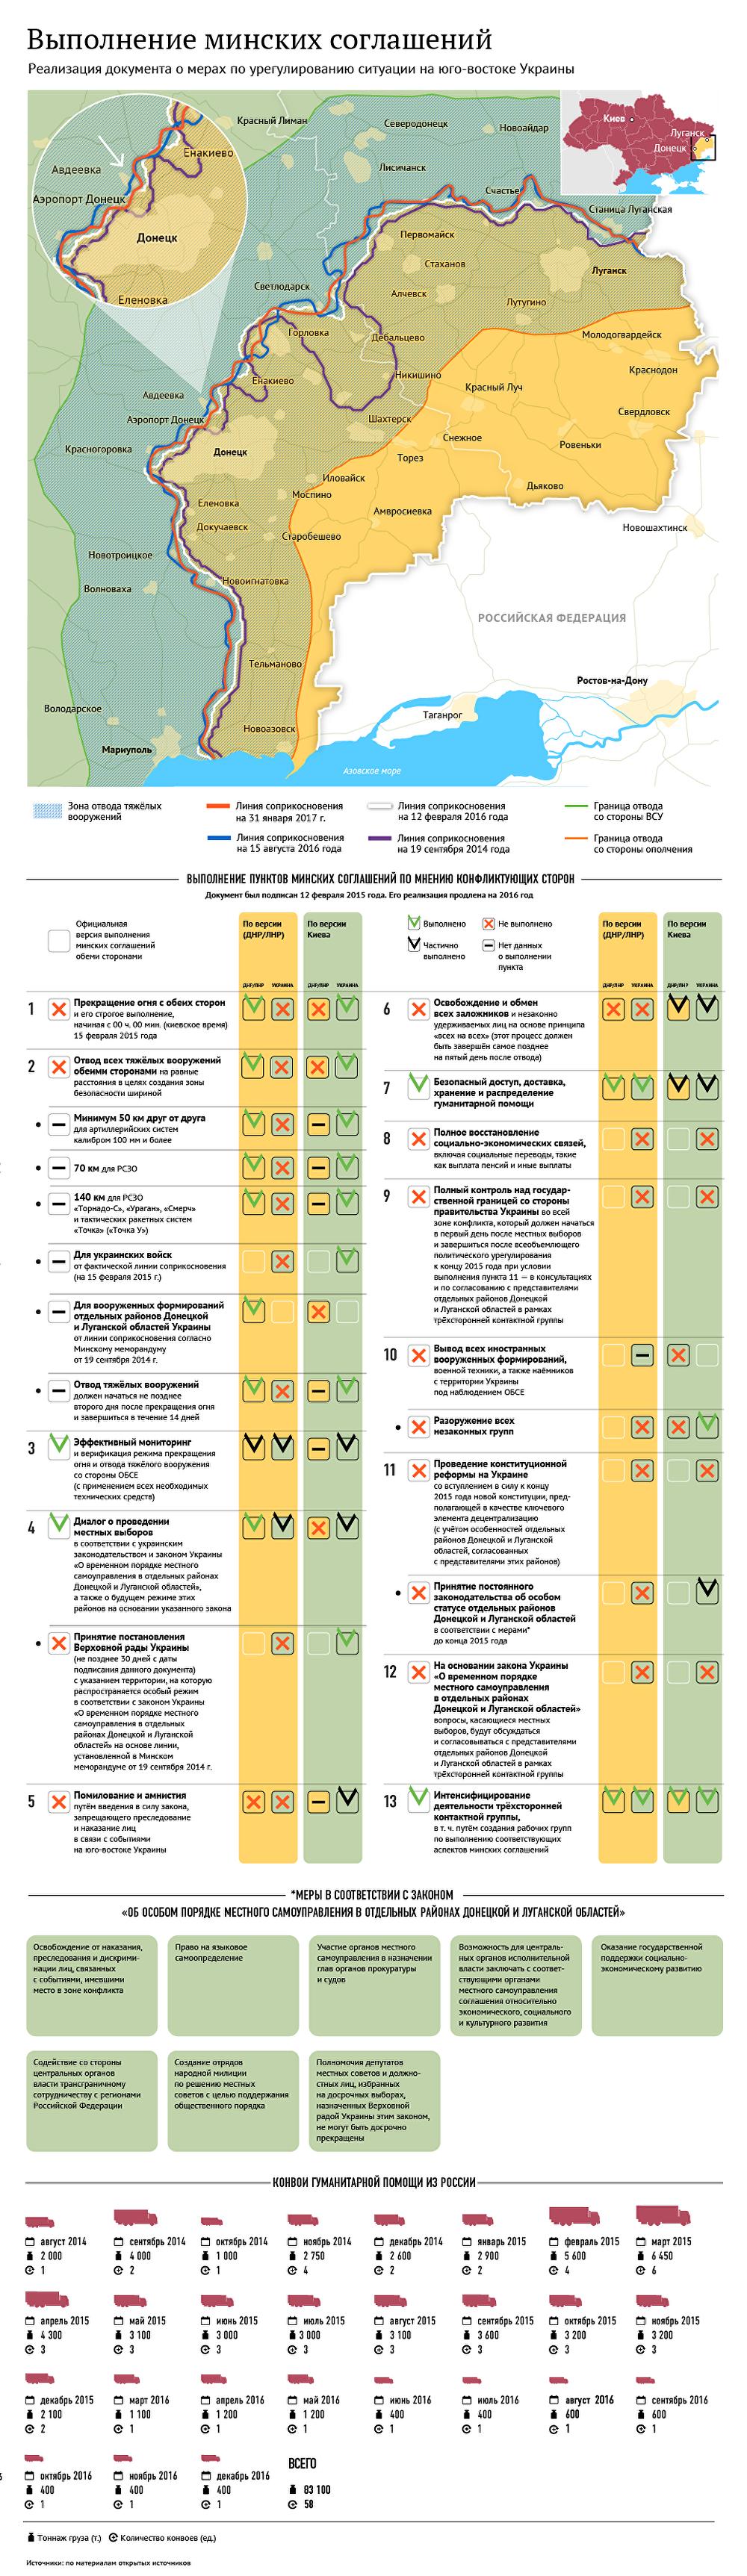 Ядерная катастрофа может стать результатом борьбы с российской монополией на Украине 27